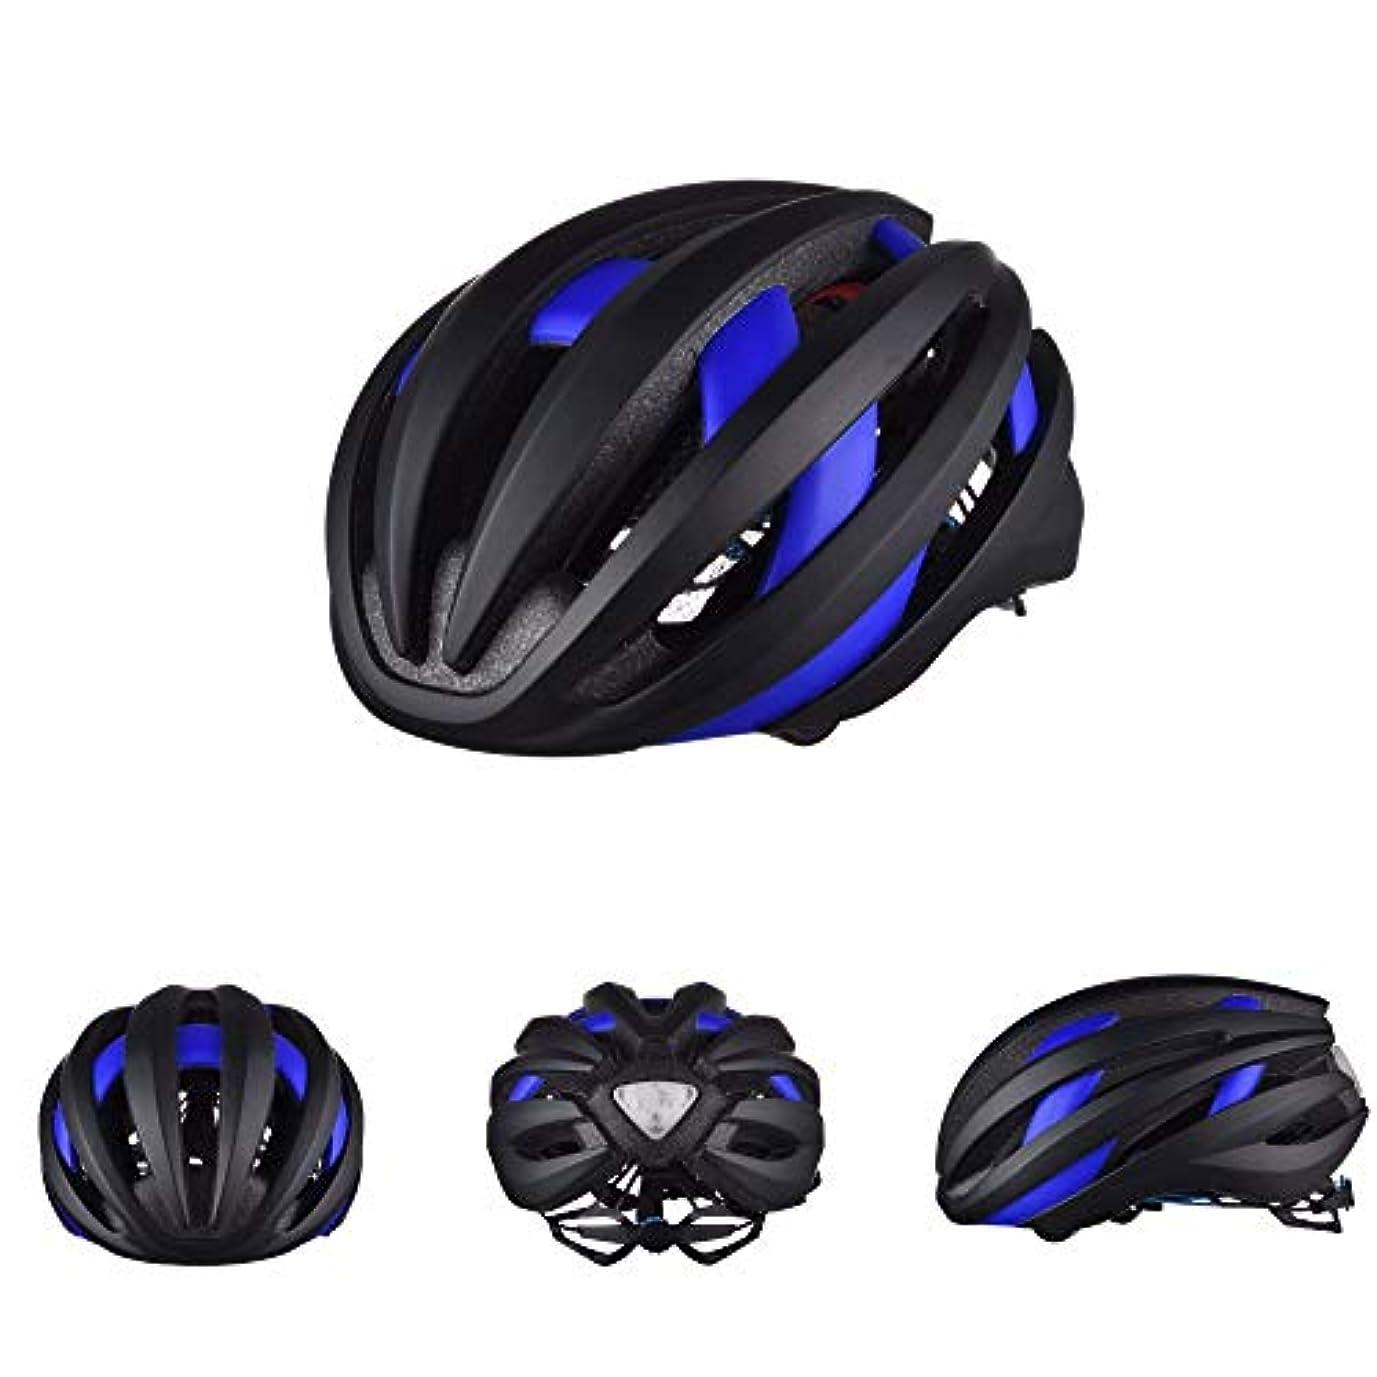 空のアッパー楽なZZXIA-サイクリングヘルメット LEDインテリジェントブルートゥースヘルメット騎乗装備アウトドアヘルメット自転車装備